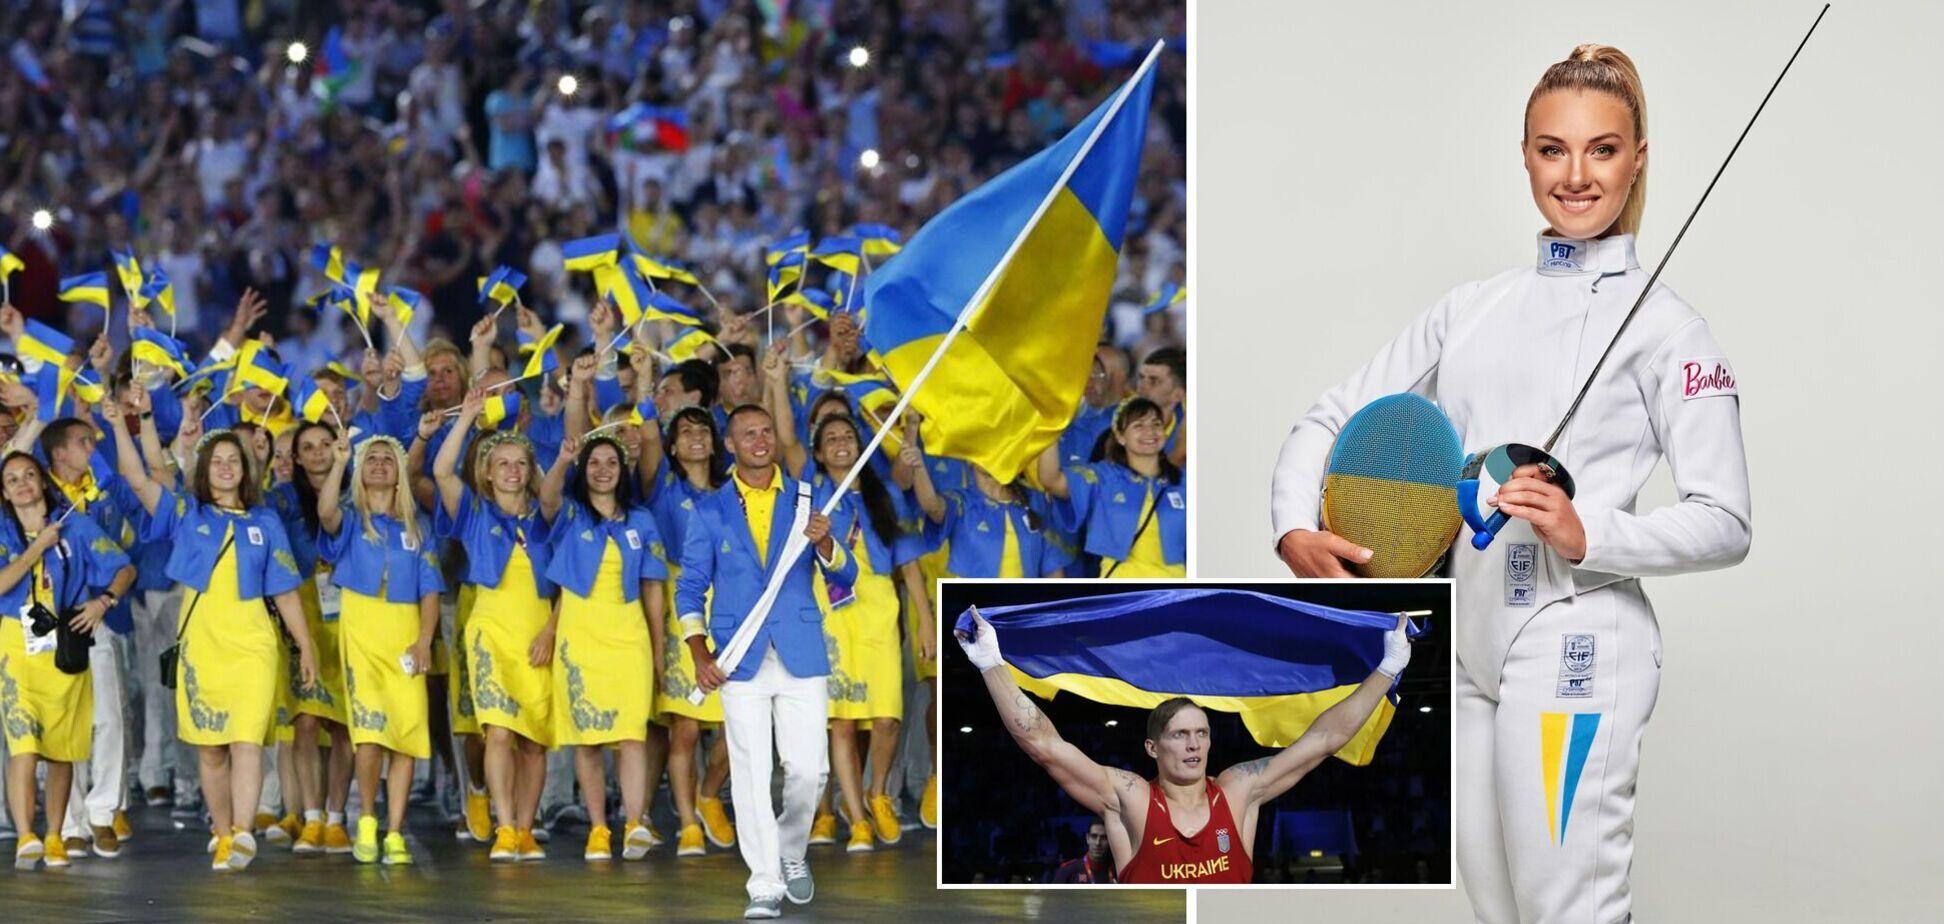 Украина везет на Олимпиаду в Токио меньше всего спортсменов в истории: причины и что делать